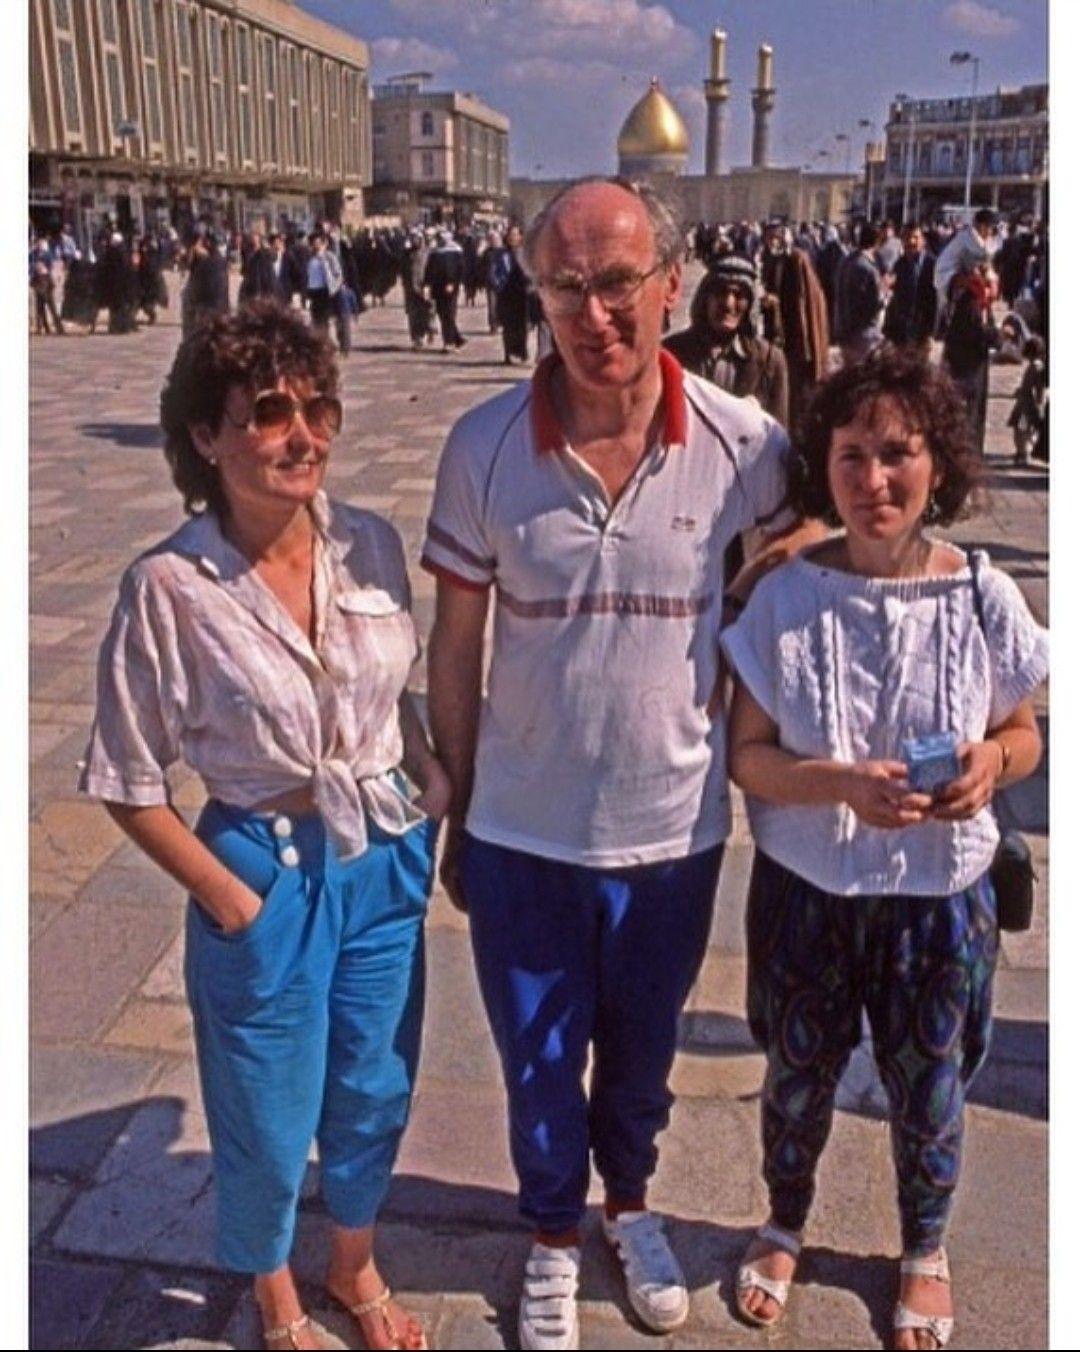 سائحين اجانب في مدينة كربلاء فترة الثمانينات من القرن الماضي Olds Hard Hat Fashion